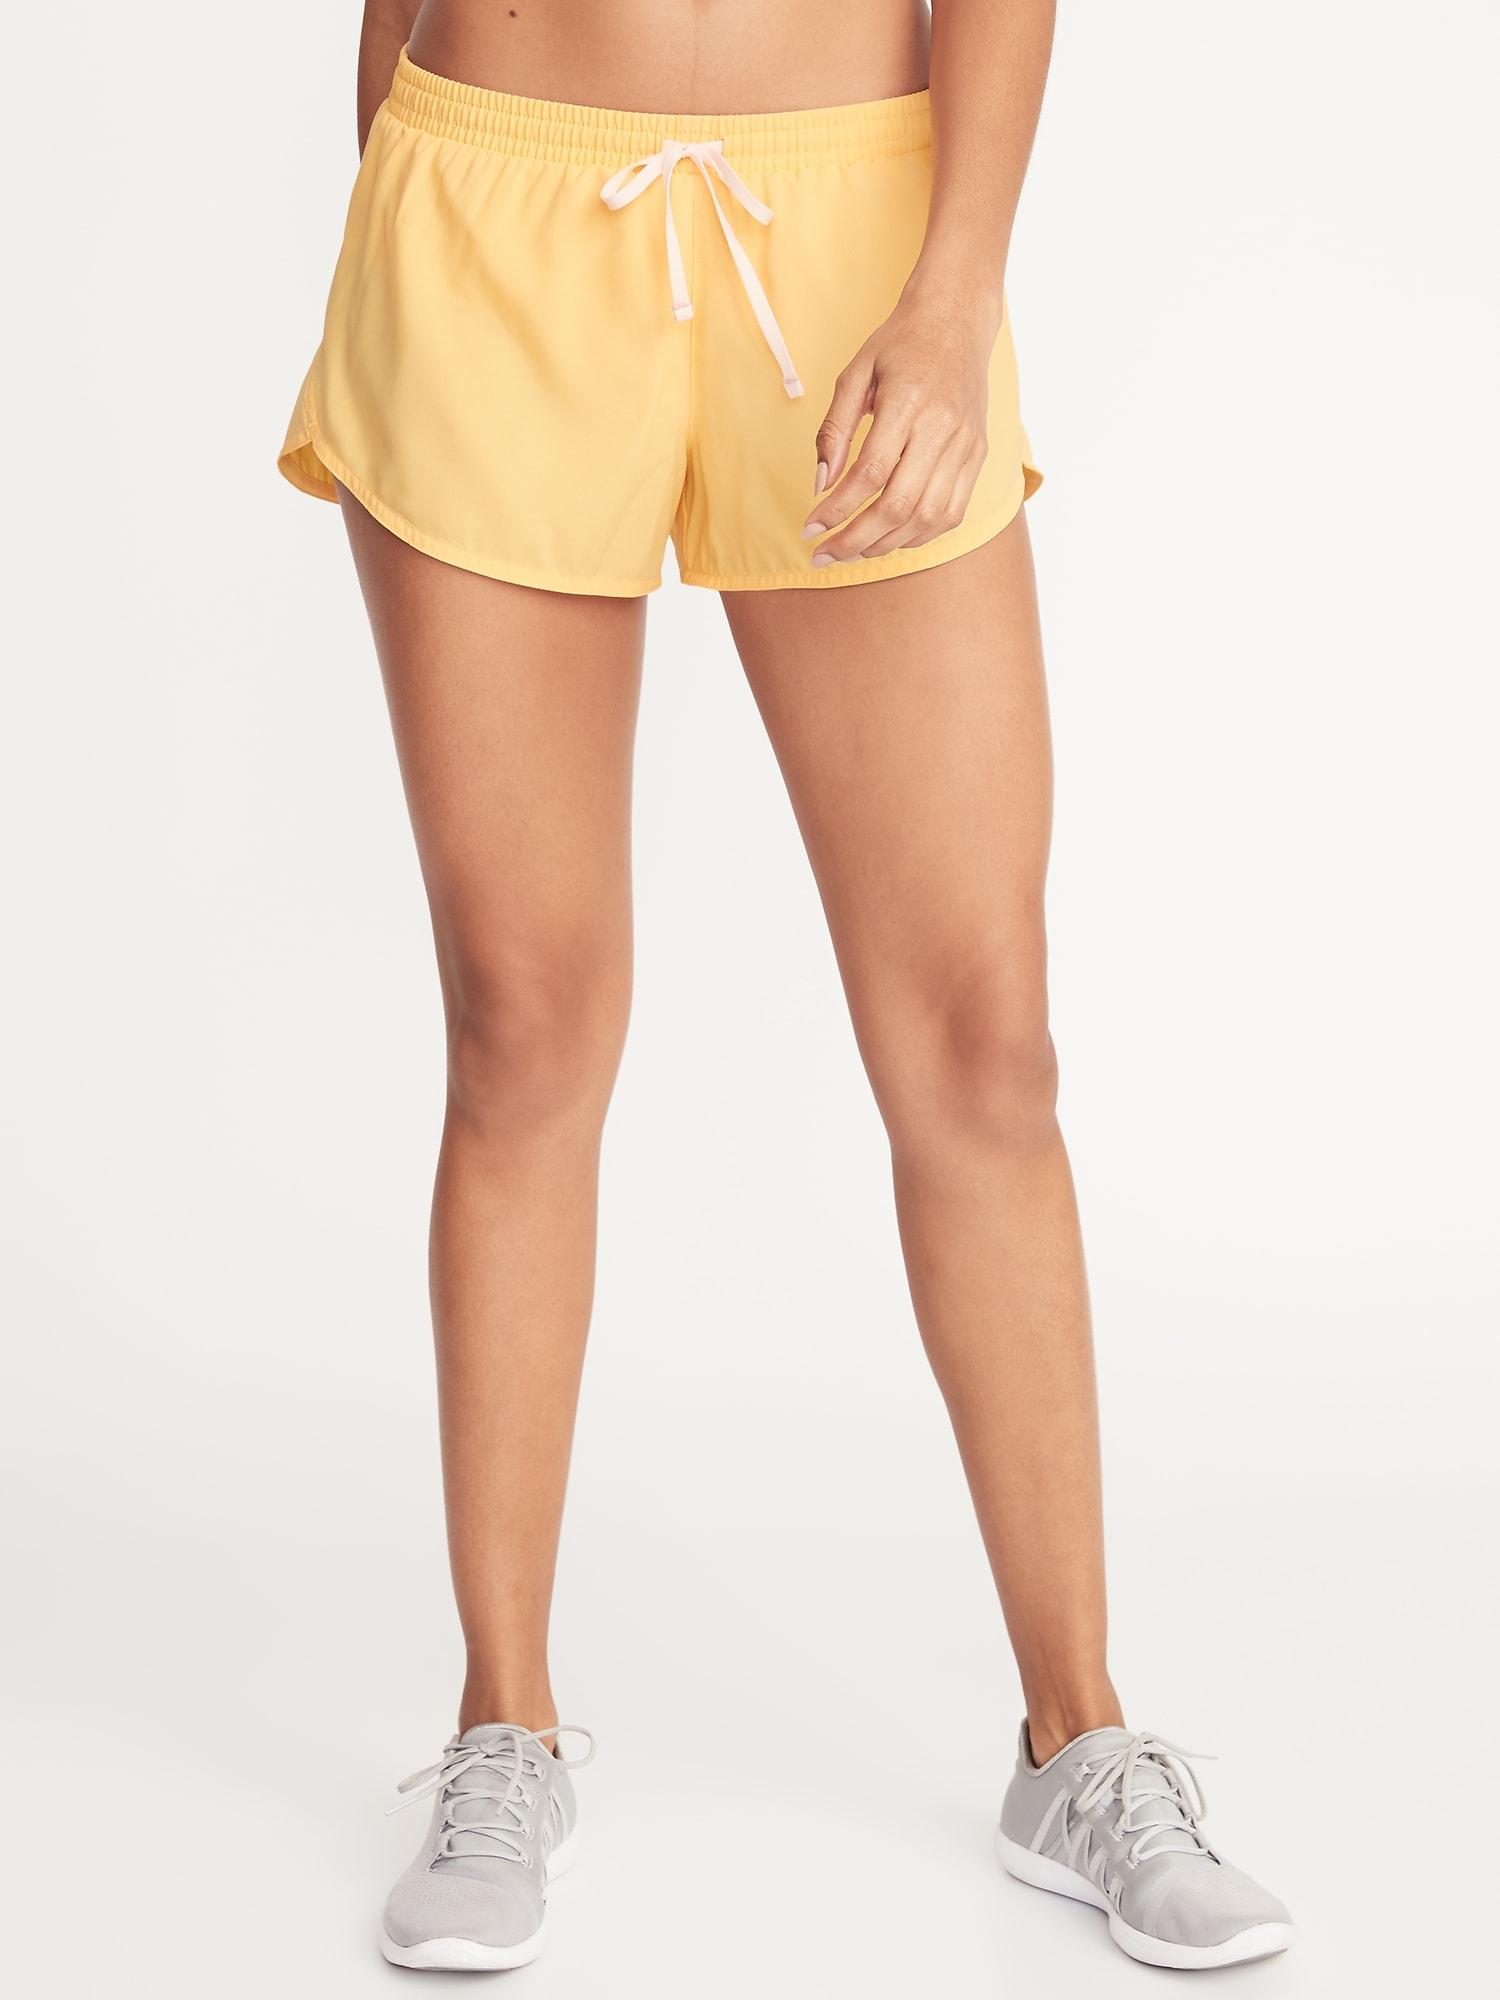 d8e4f589e1172 Semi-Fitted Run Shorts for Women - 3-inch inseam